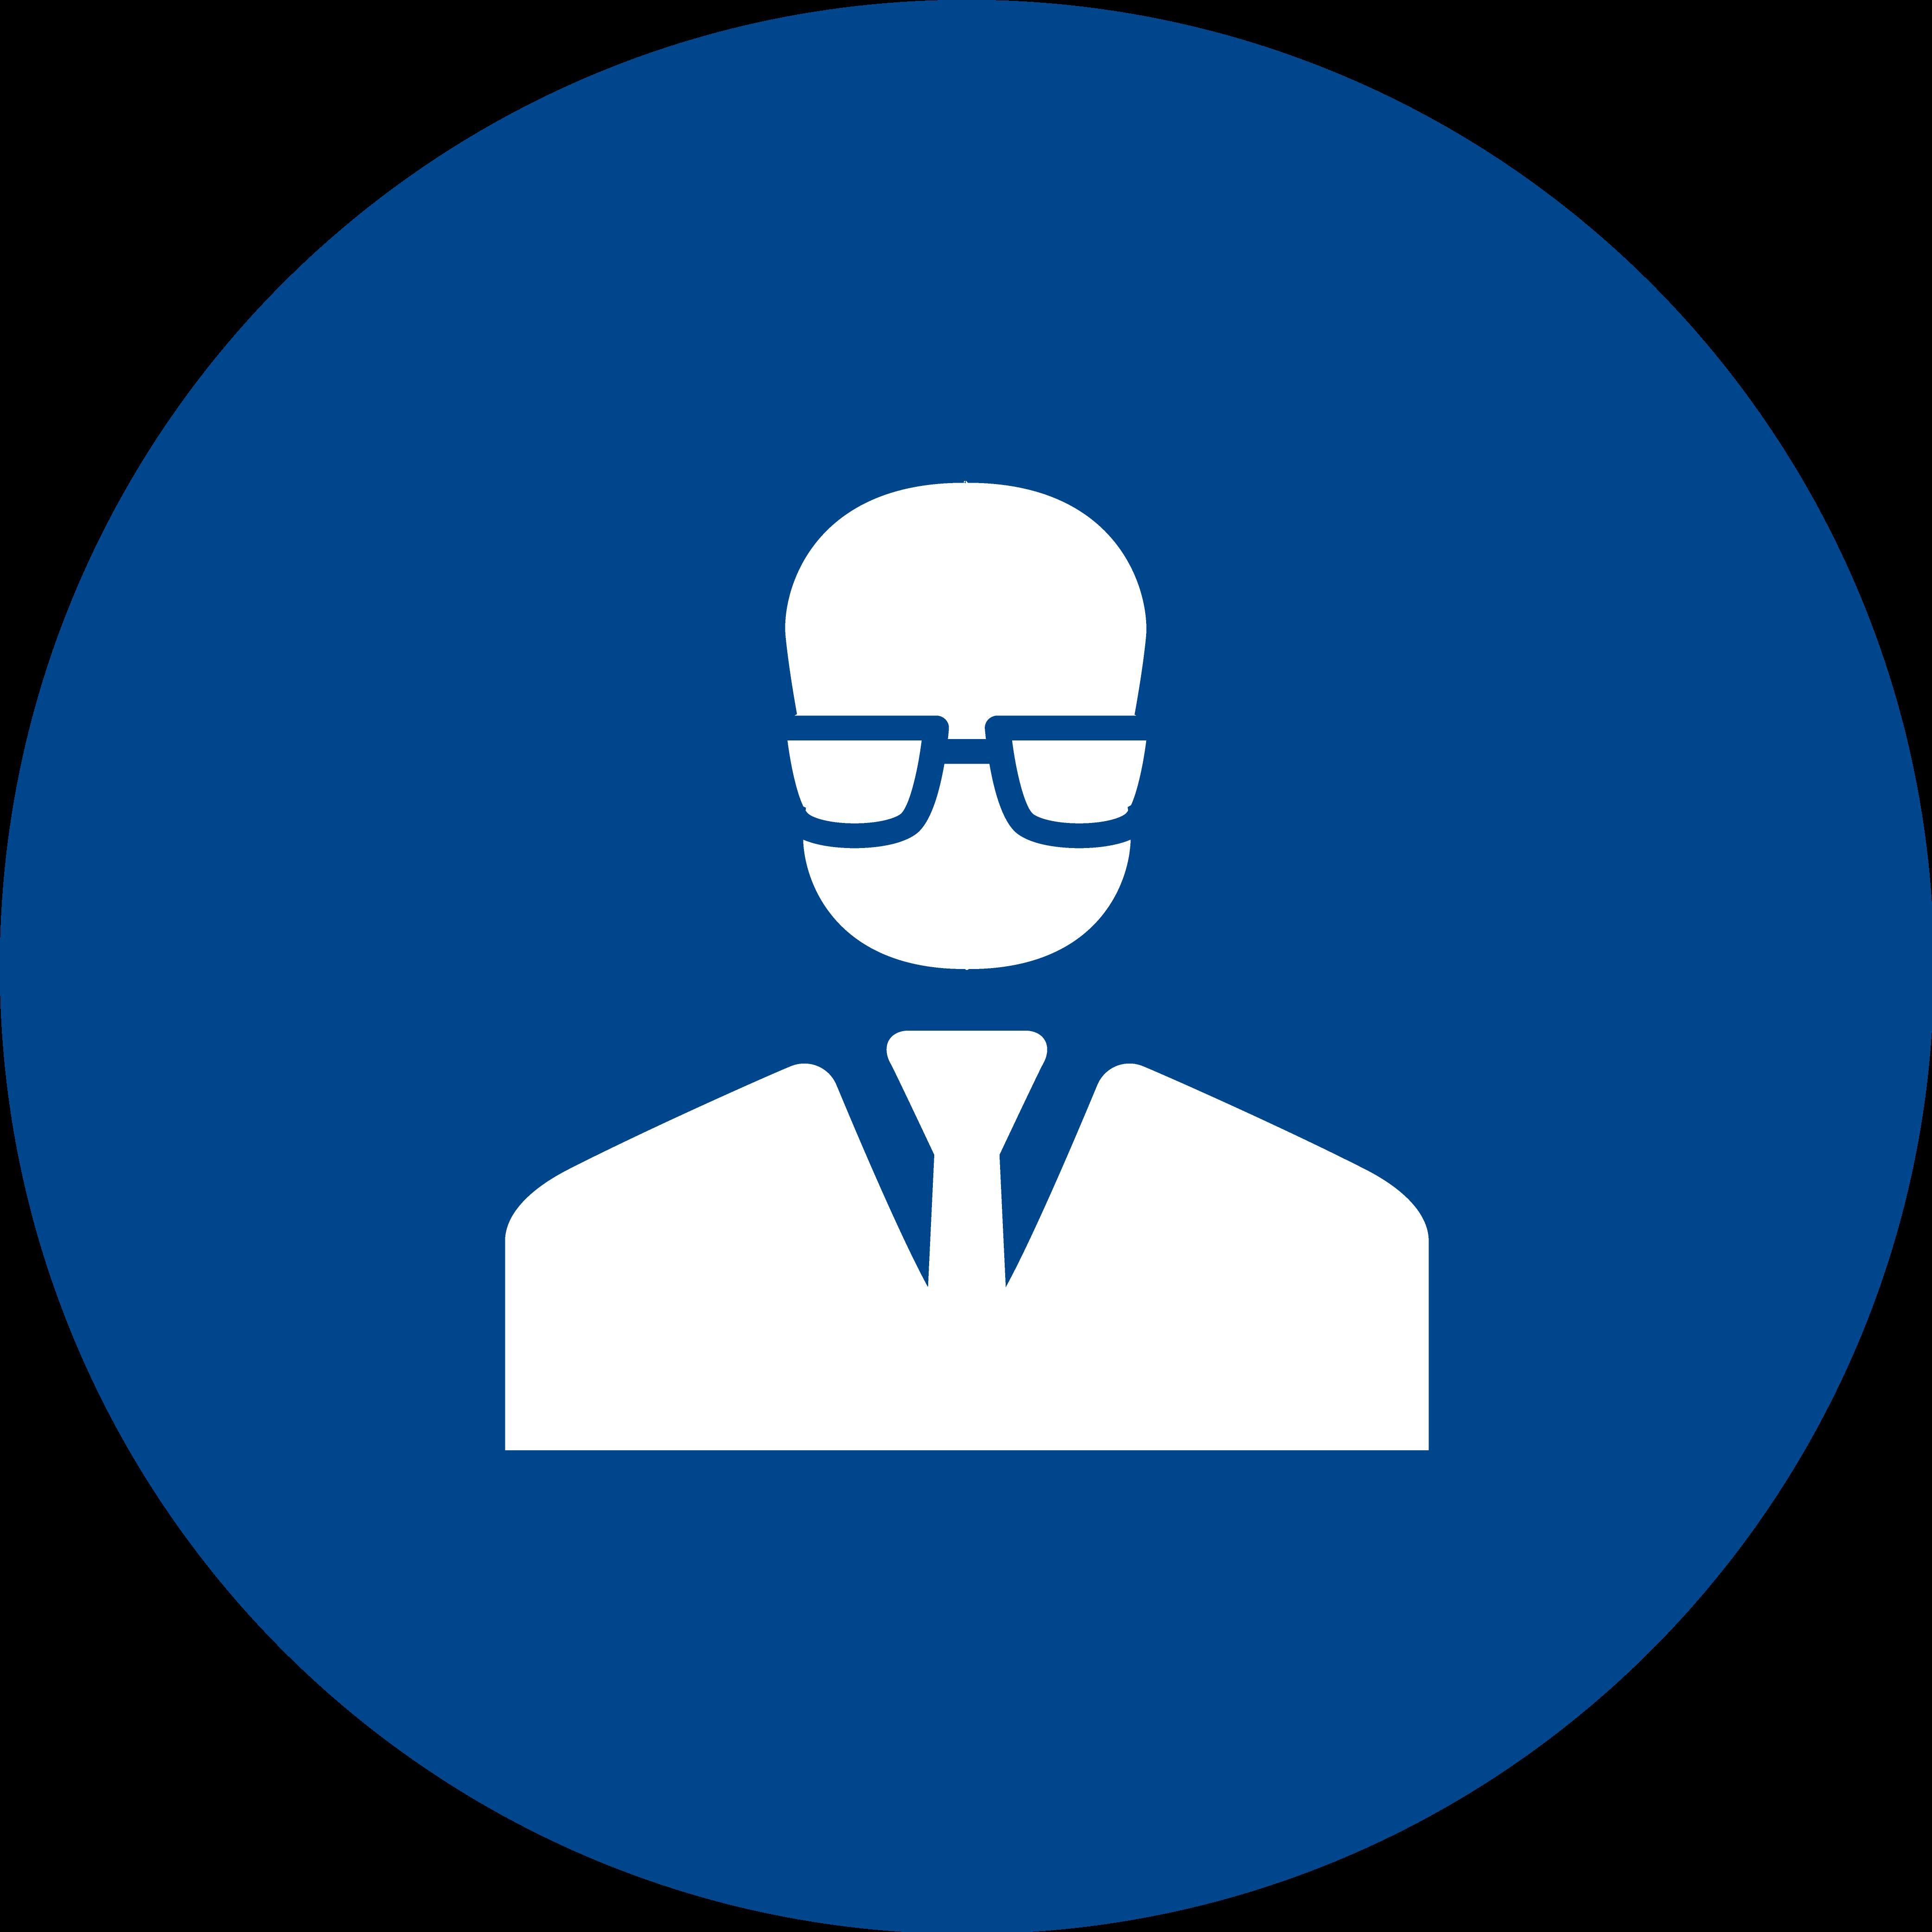 logo-experto-nr